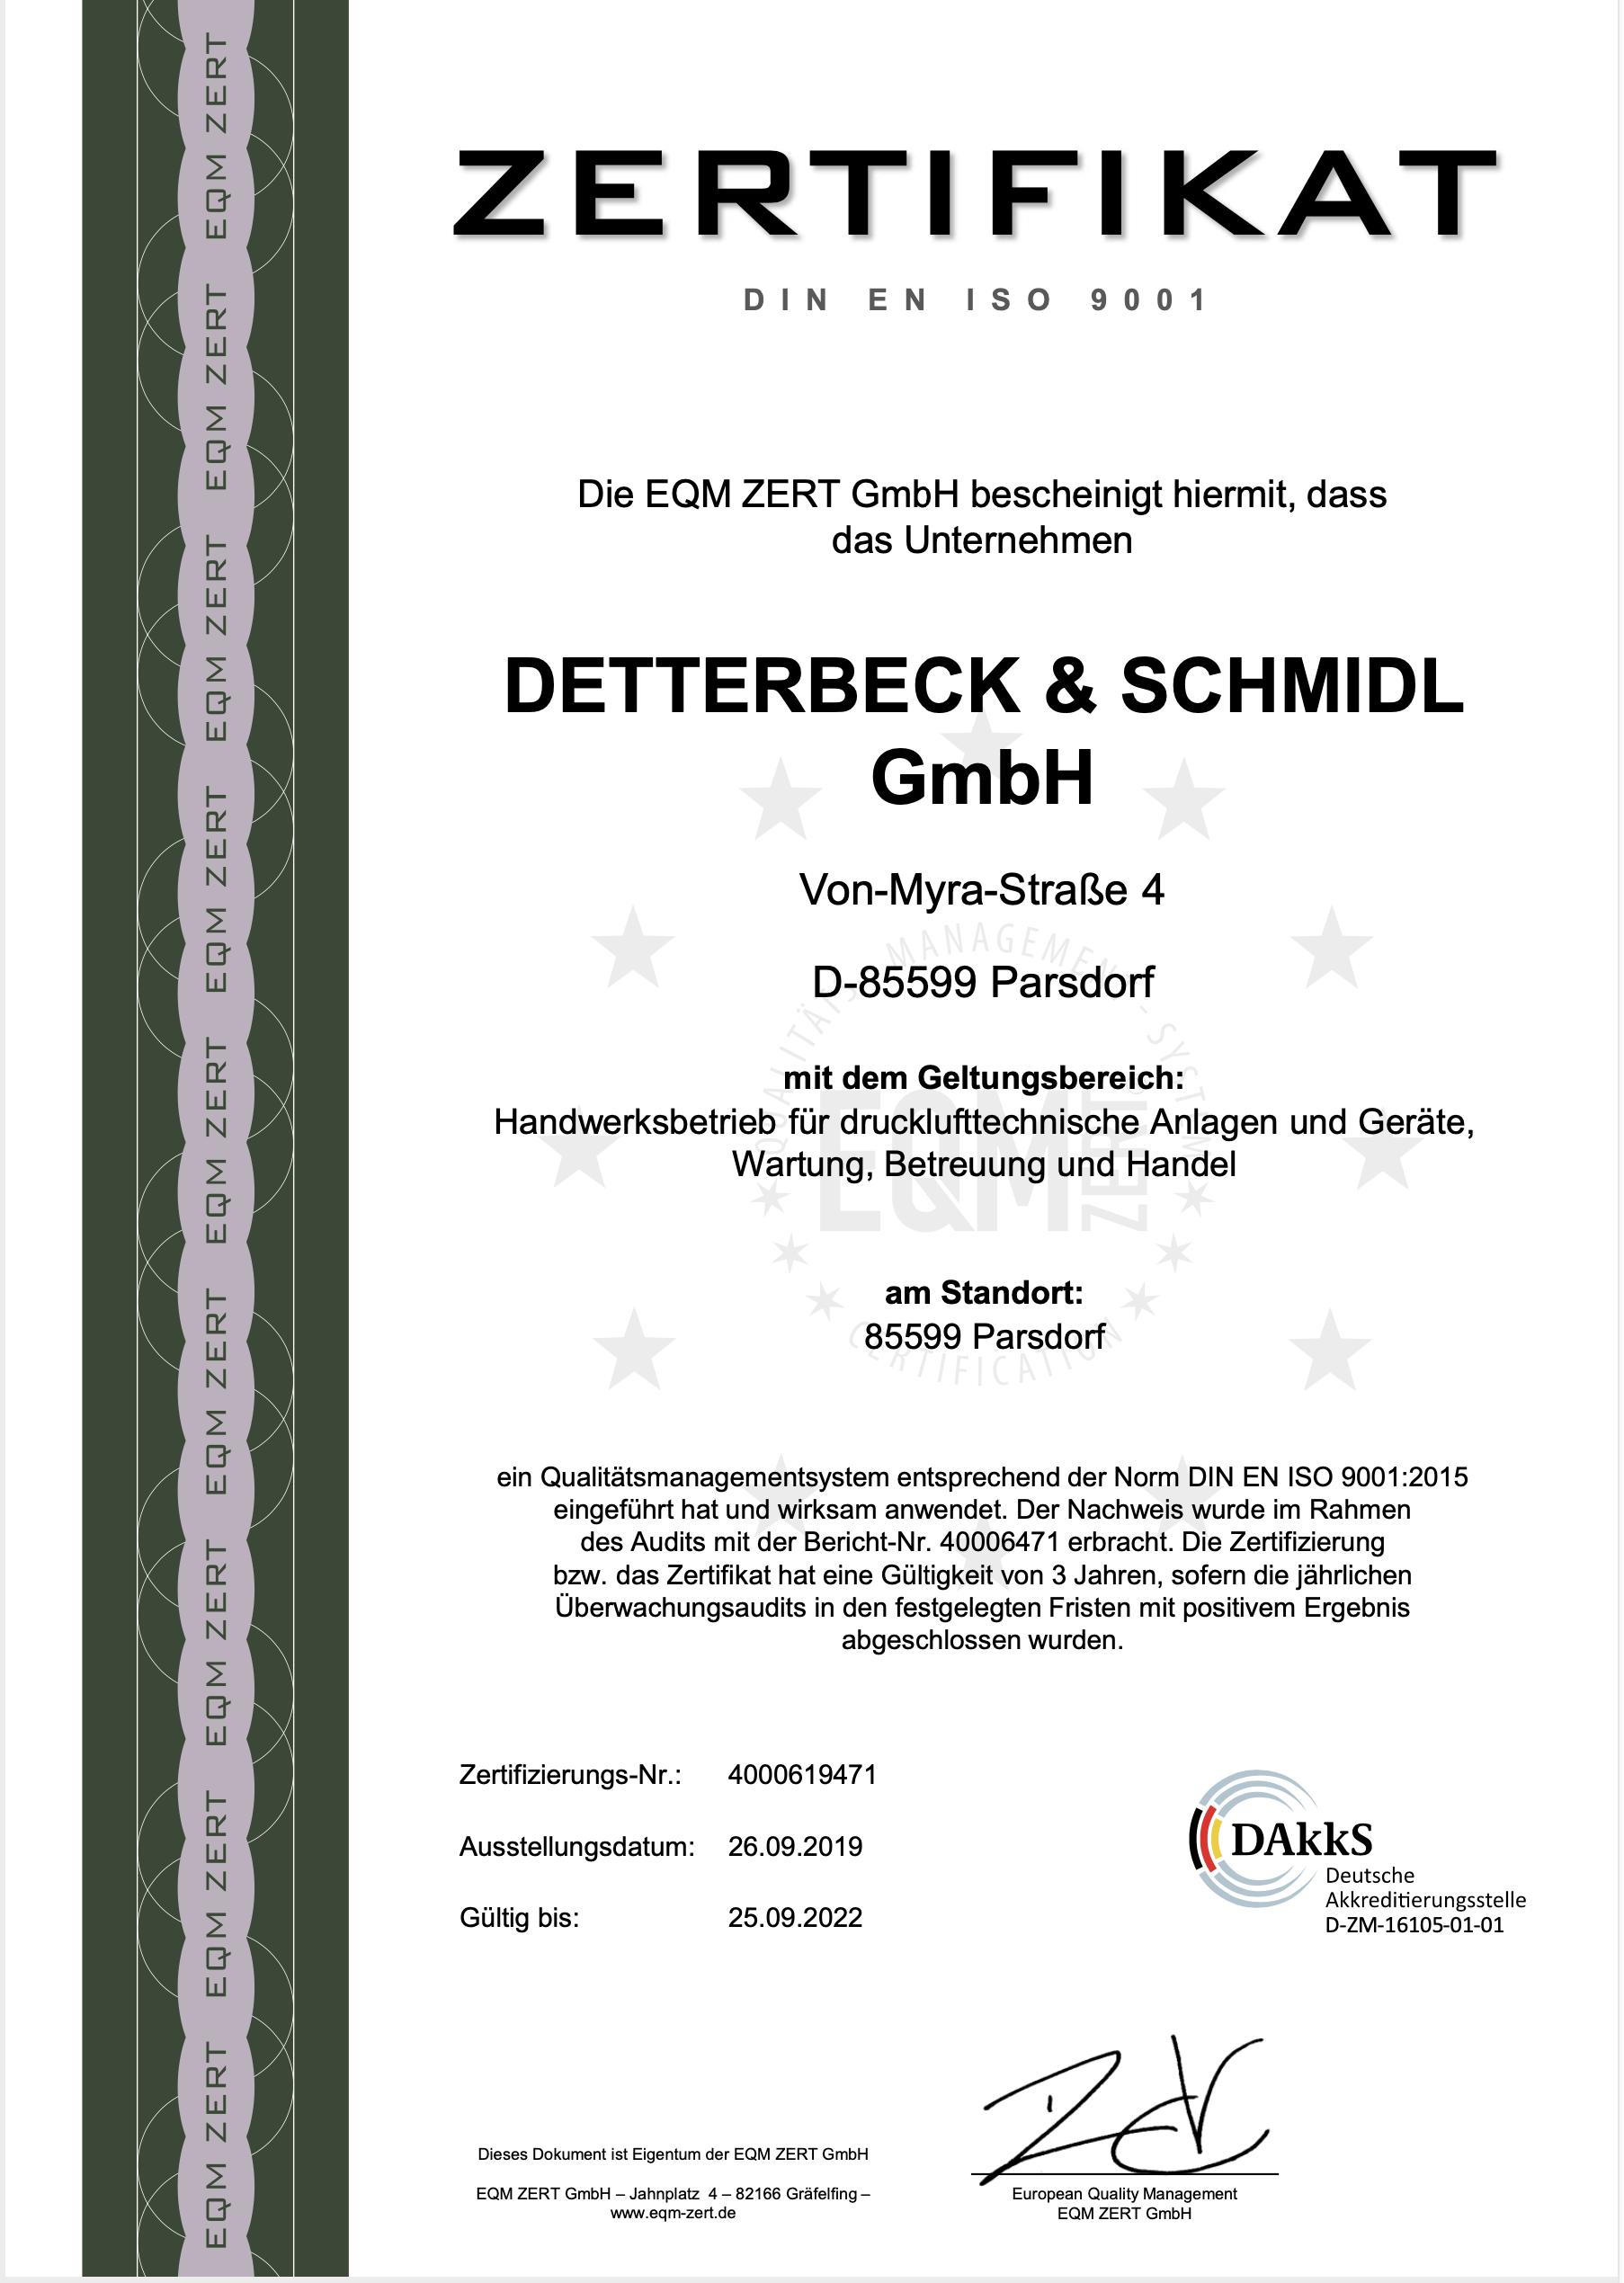 ISO 9001 Zertifikat 2019-2022